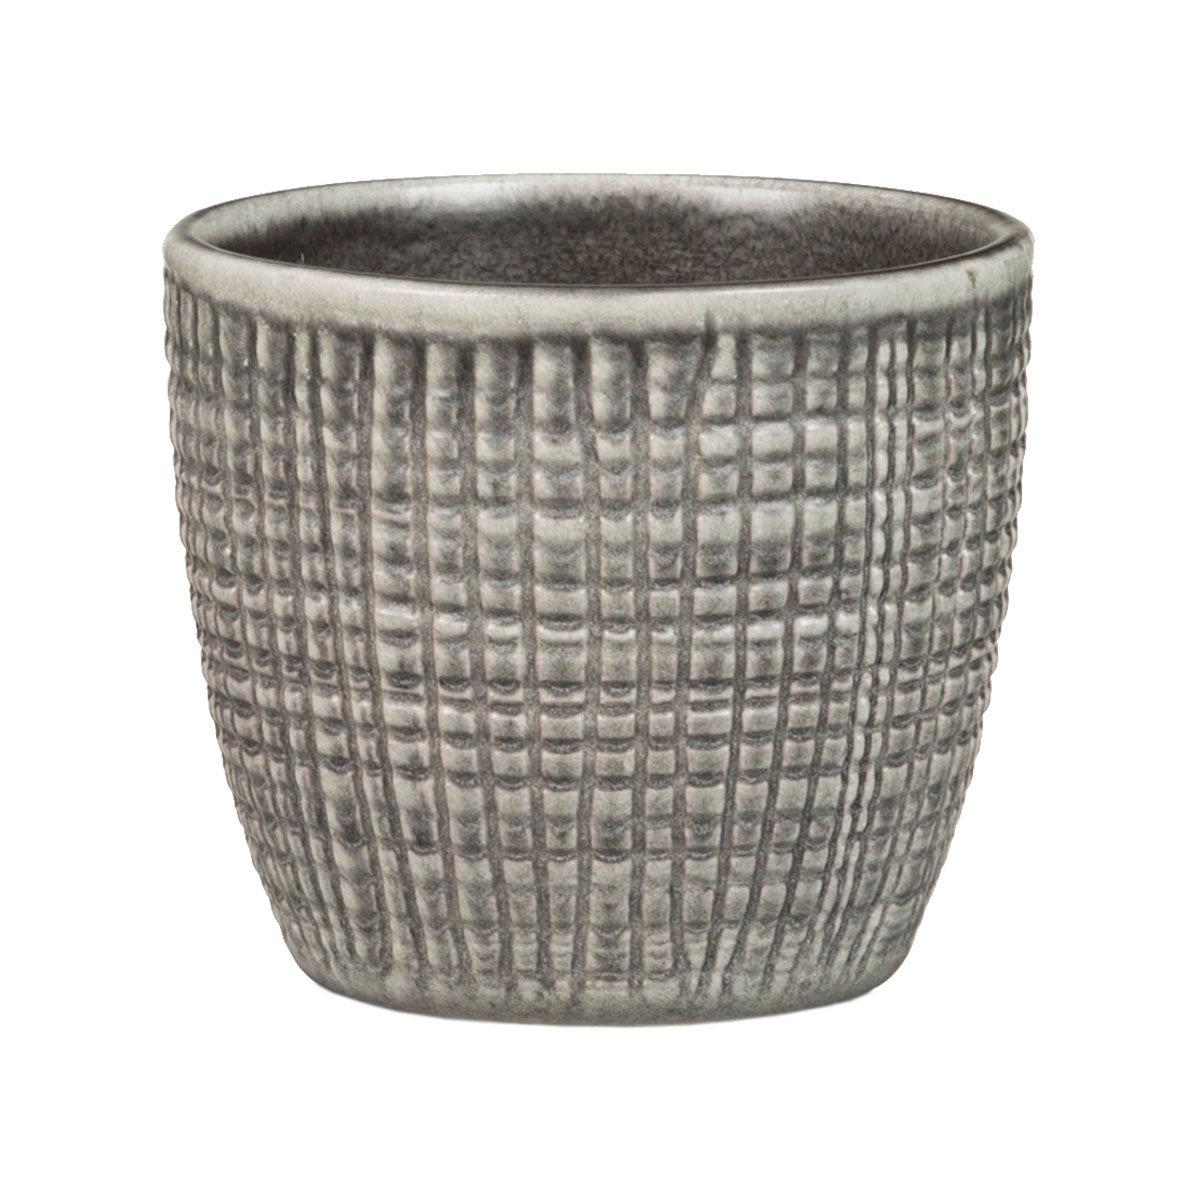 3er-Set Keramik-Übertöpfe 6cm, Grau | #2